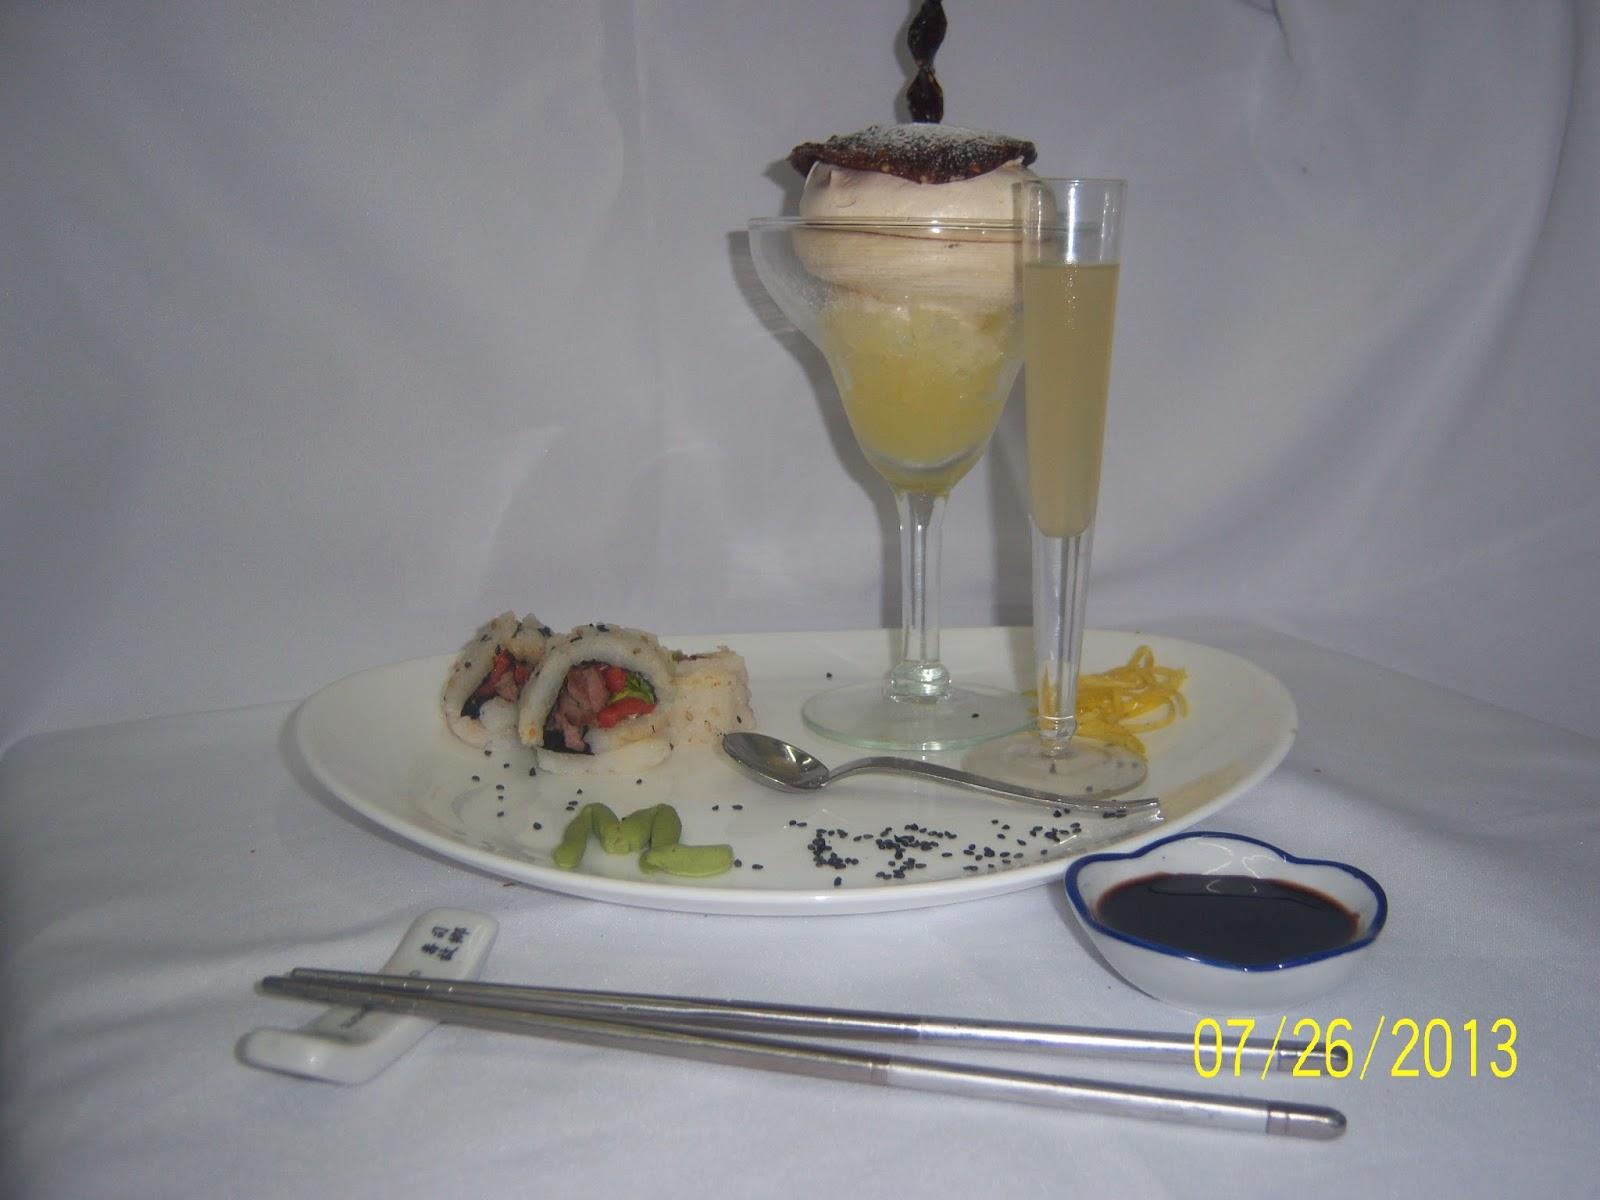 Homenaje gourmet a magda laguinge de postre copa nevada for Frances culinario 1